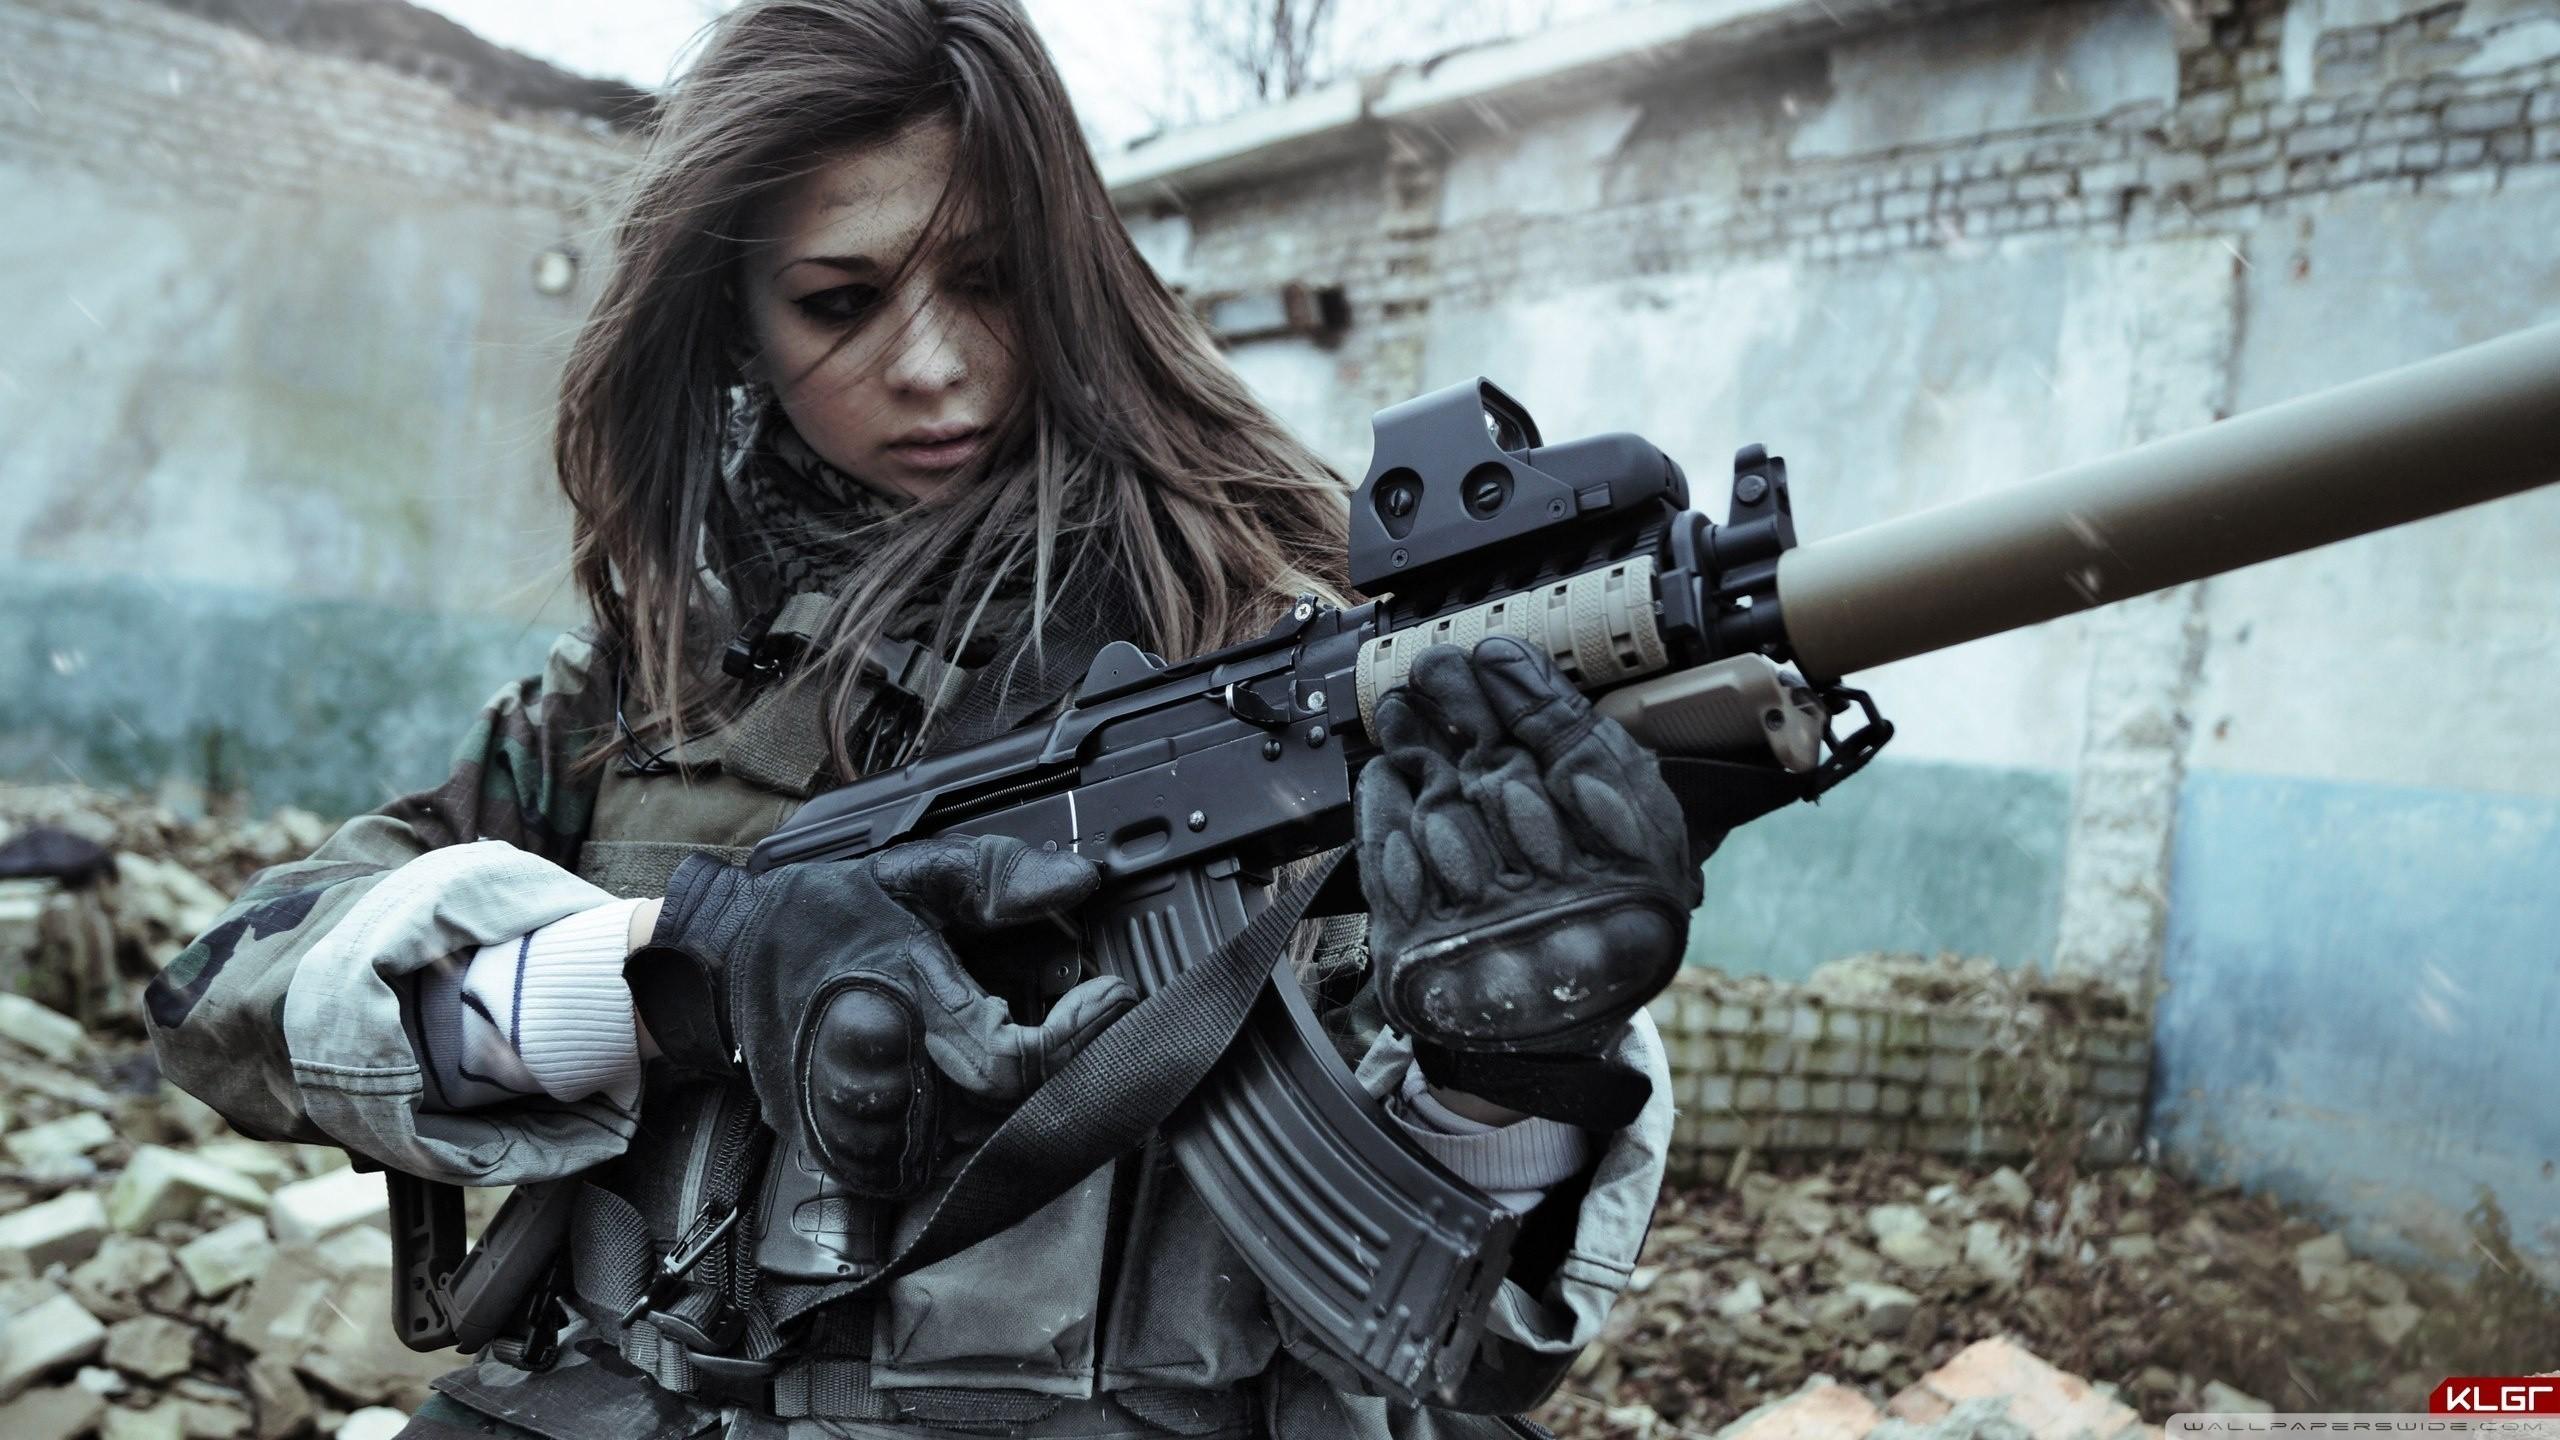 Французская - самая феминизированная армия в Европе (более 14 % служащих —  женщины) 3ebff45e794